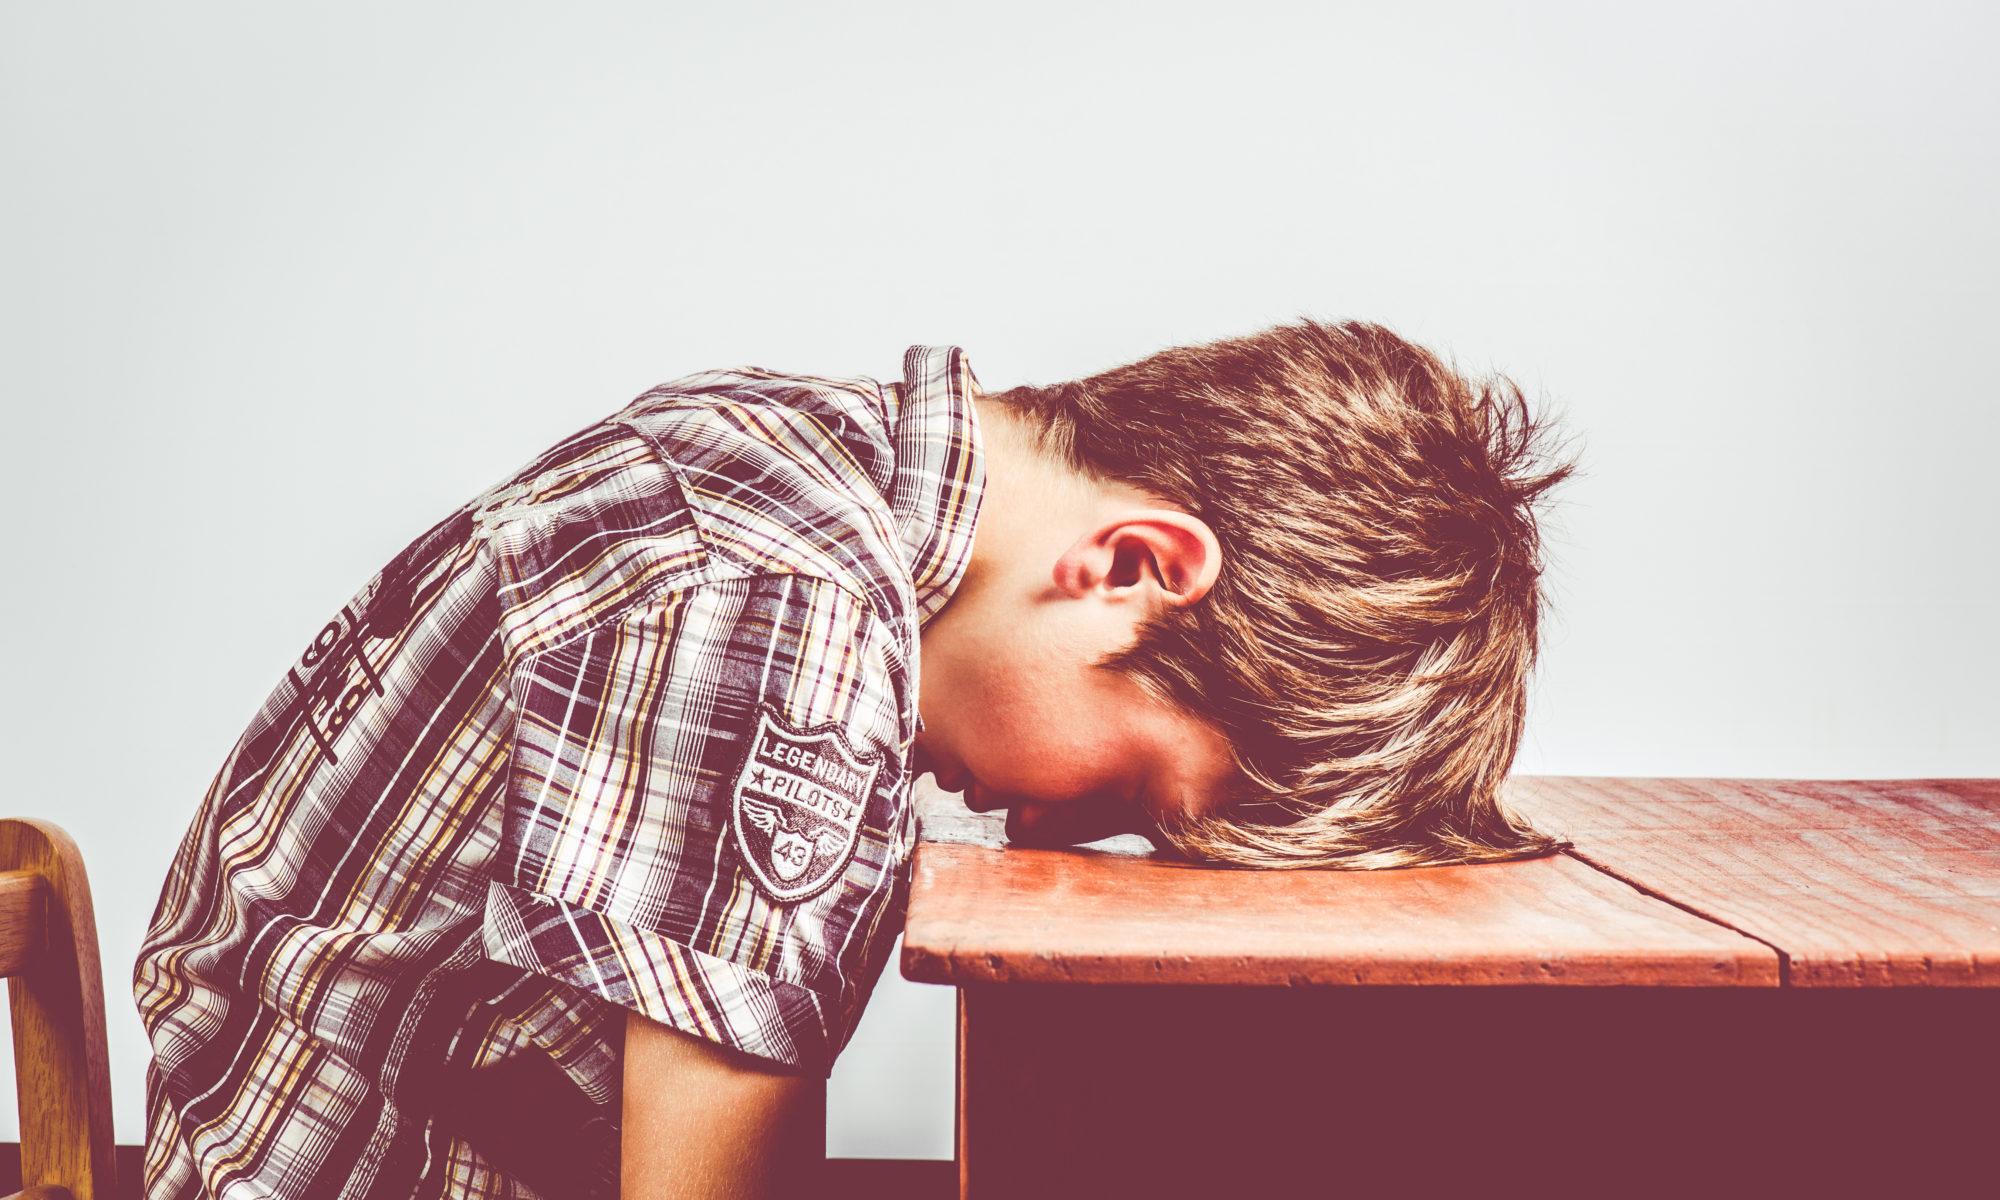 AdobeStock 69944151 2000x1200 - Hartz IV: Bildungs- und Teilhabepaket kommt nur bei der Hälfte der Kinder an